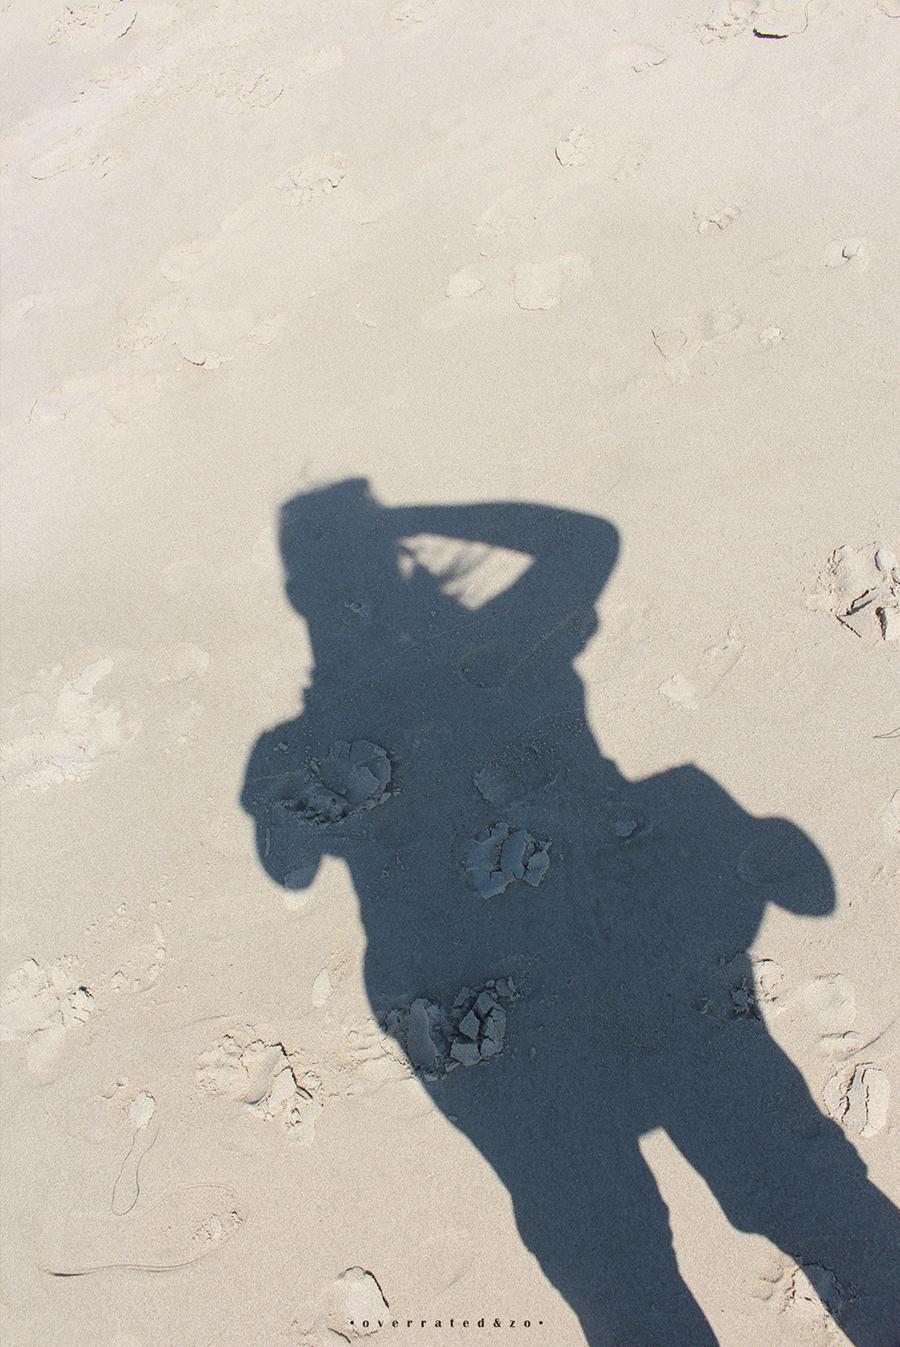 shadow3 Suzanne Dirne overratedenzo